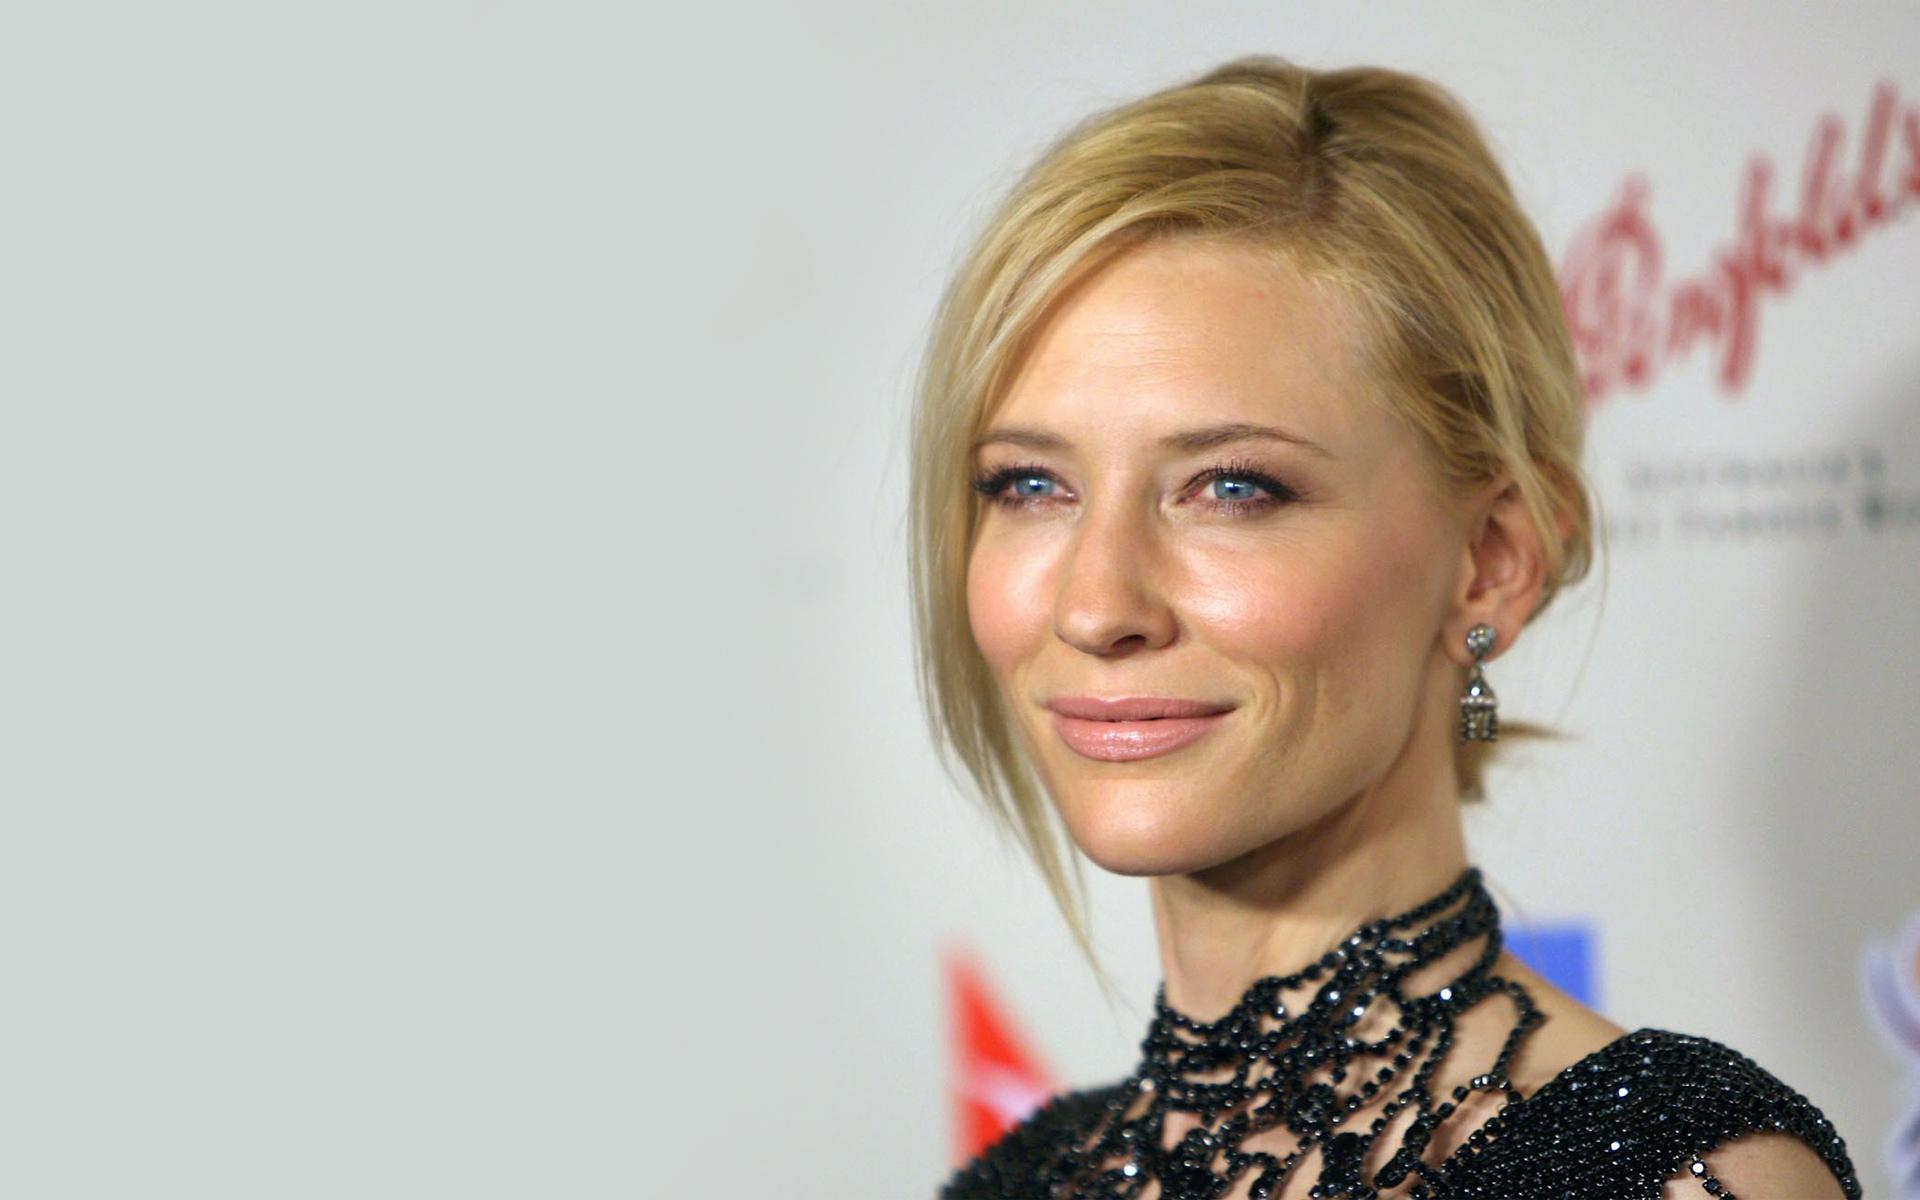 ... Cate Blanchett · Cate Blanchett